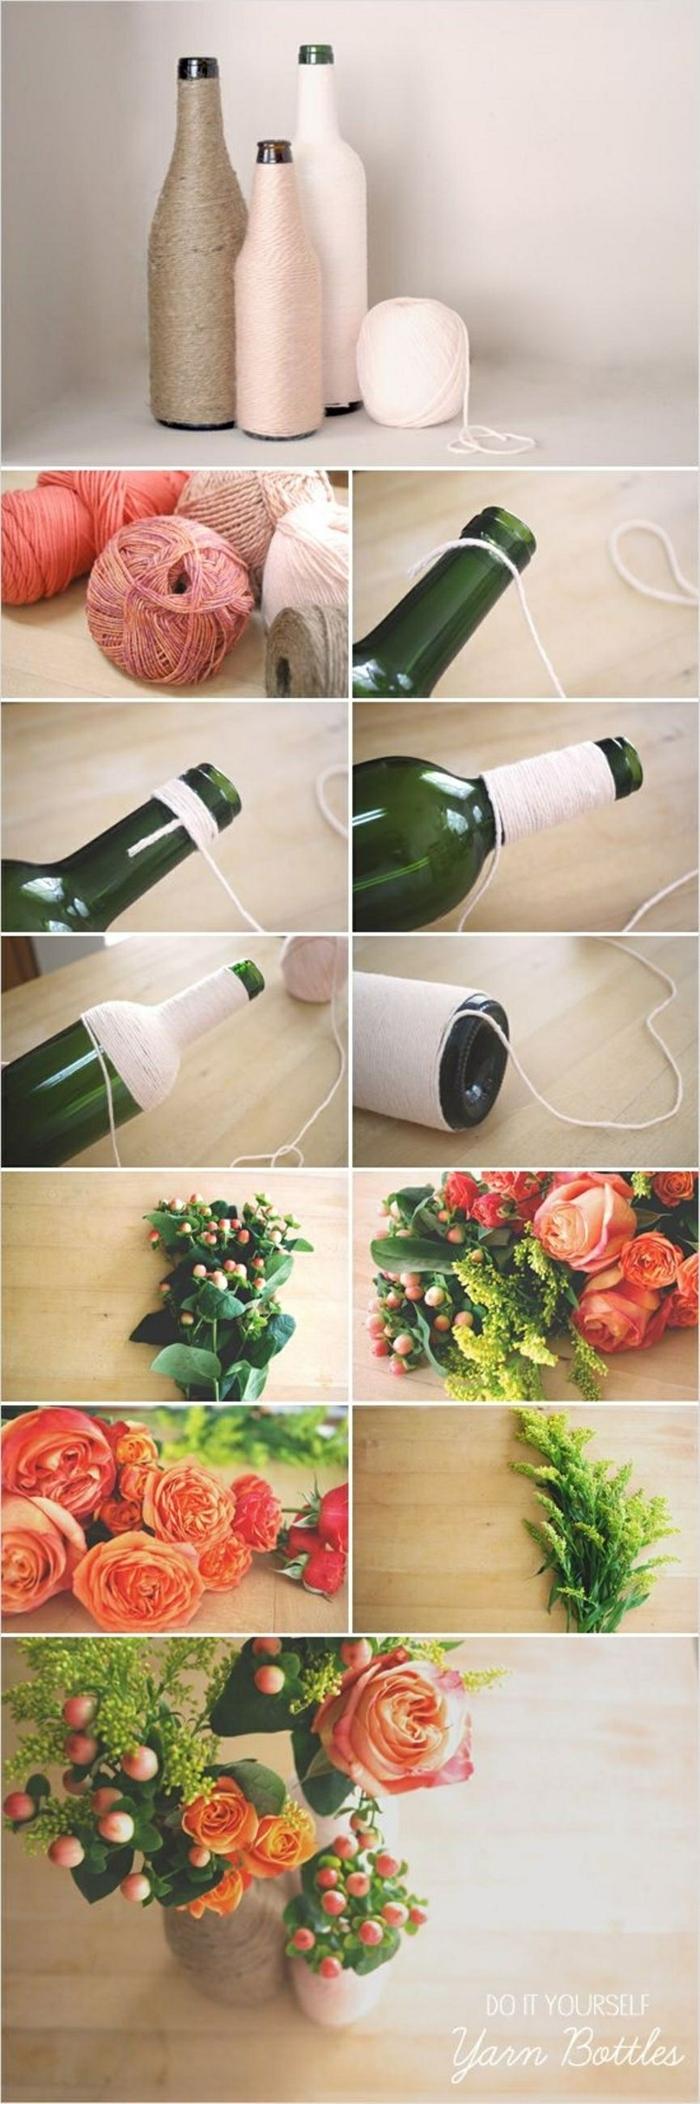 Upcycling von Glasflaschen zu Vasen, DIY Anleitung, Flasche umwickelt mit Garn, Pinterest basteln